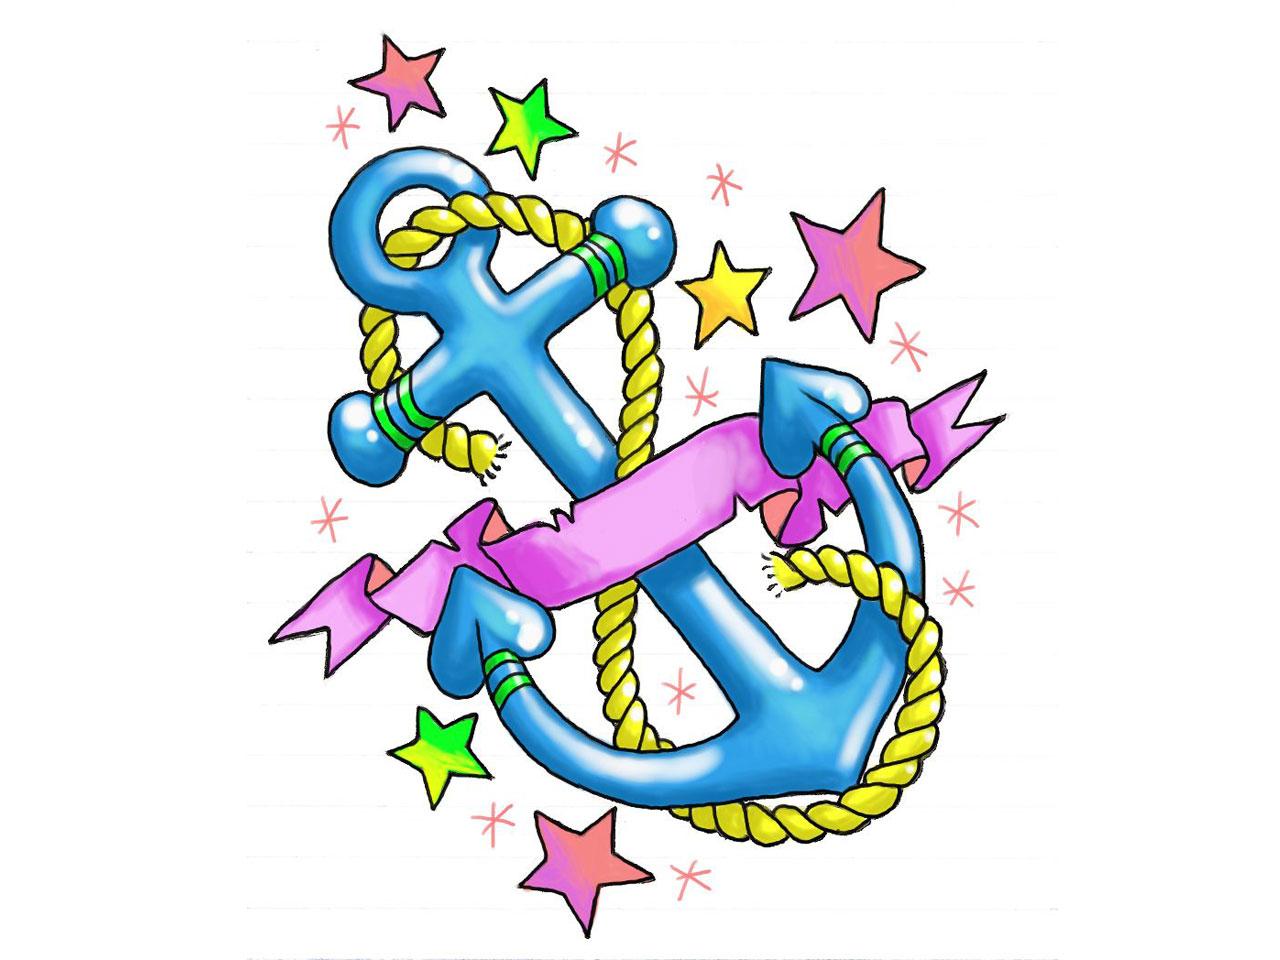 1280x960 Hearts And Stars Tattoo Designs